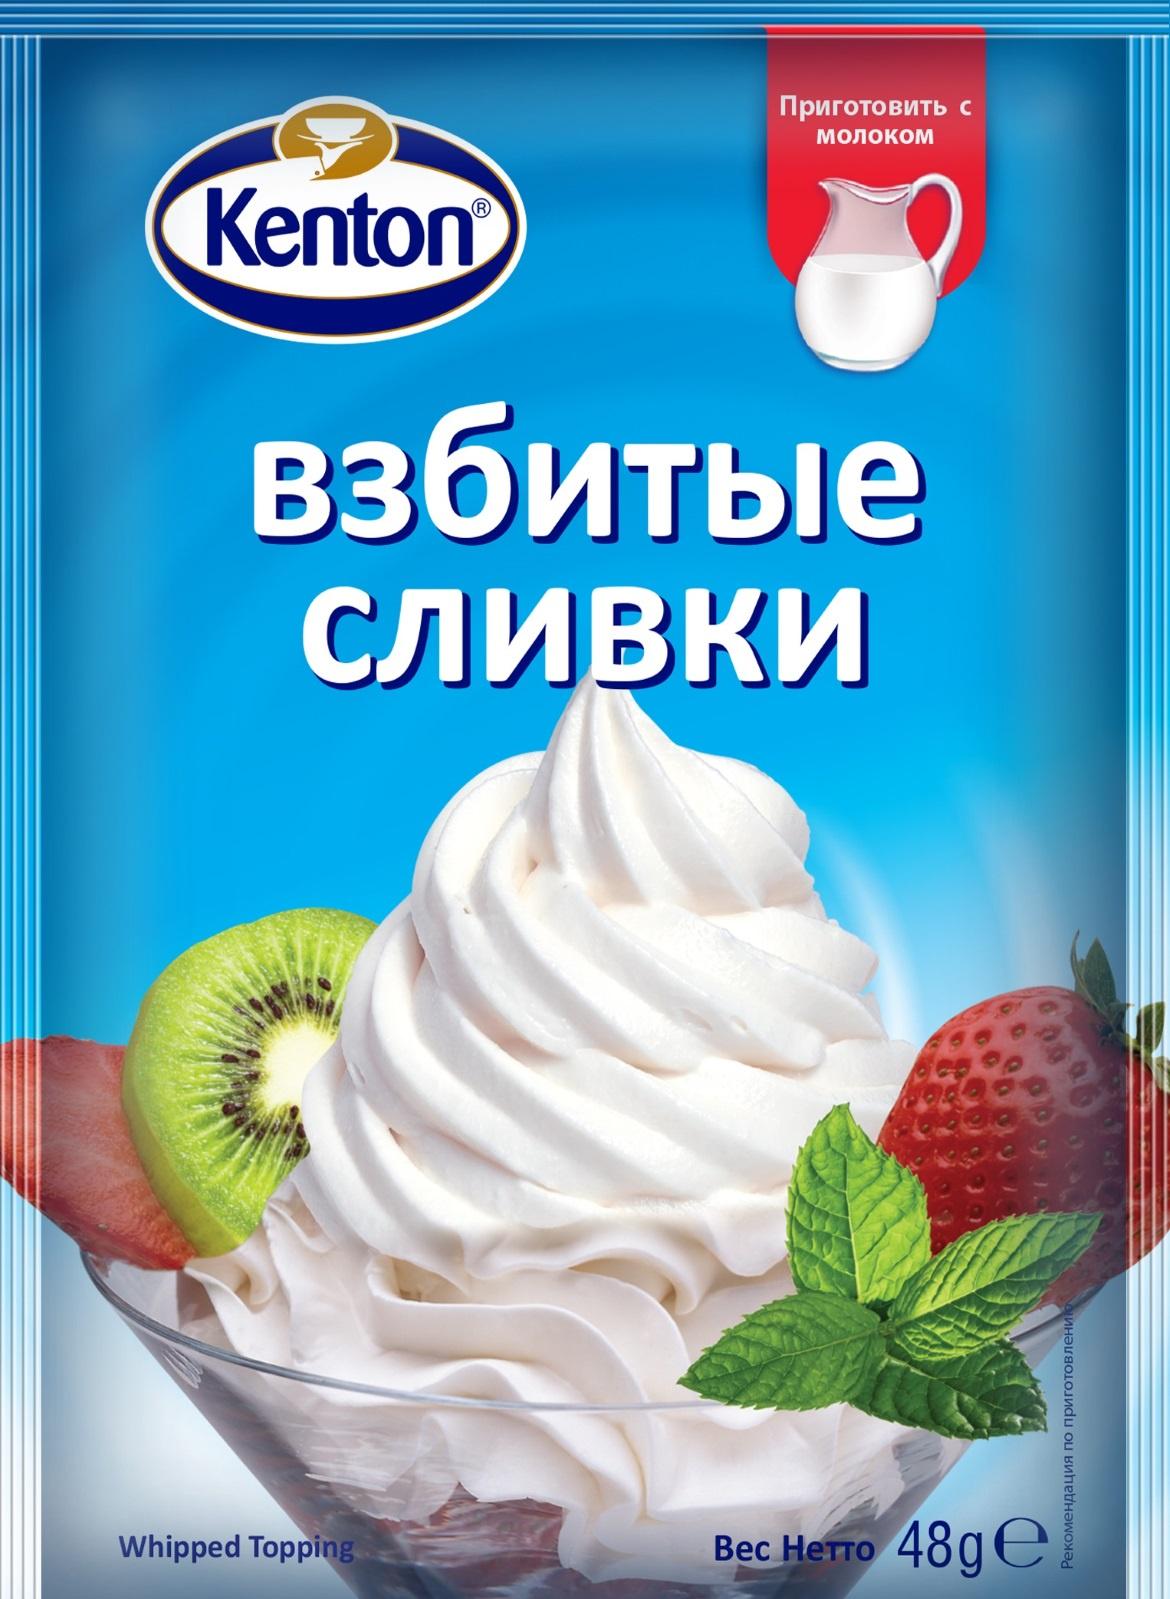 Сухие сливки KENTON смесь для приготовления взбитых сливок, 48 цена